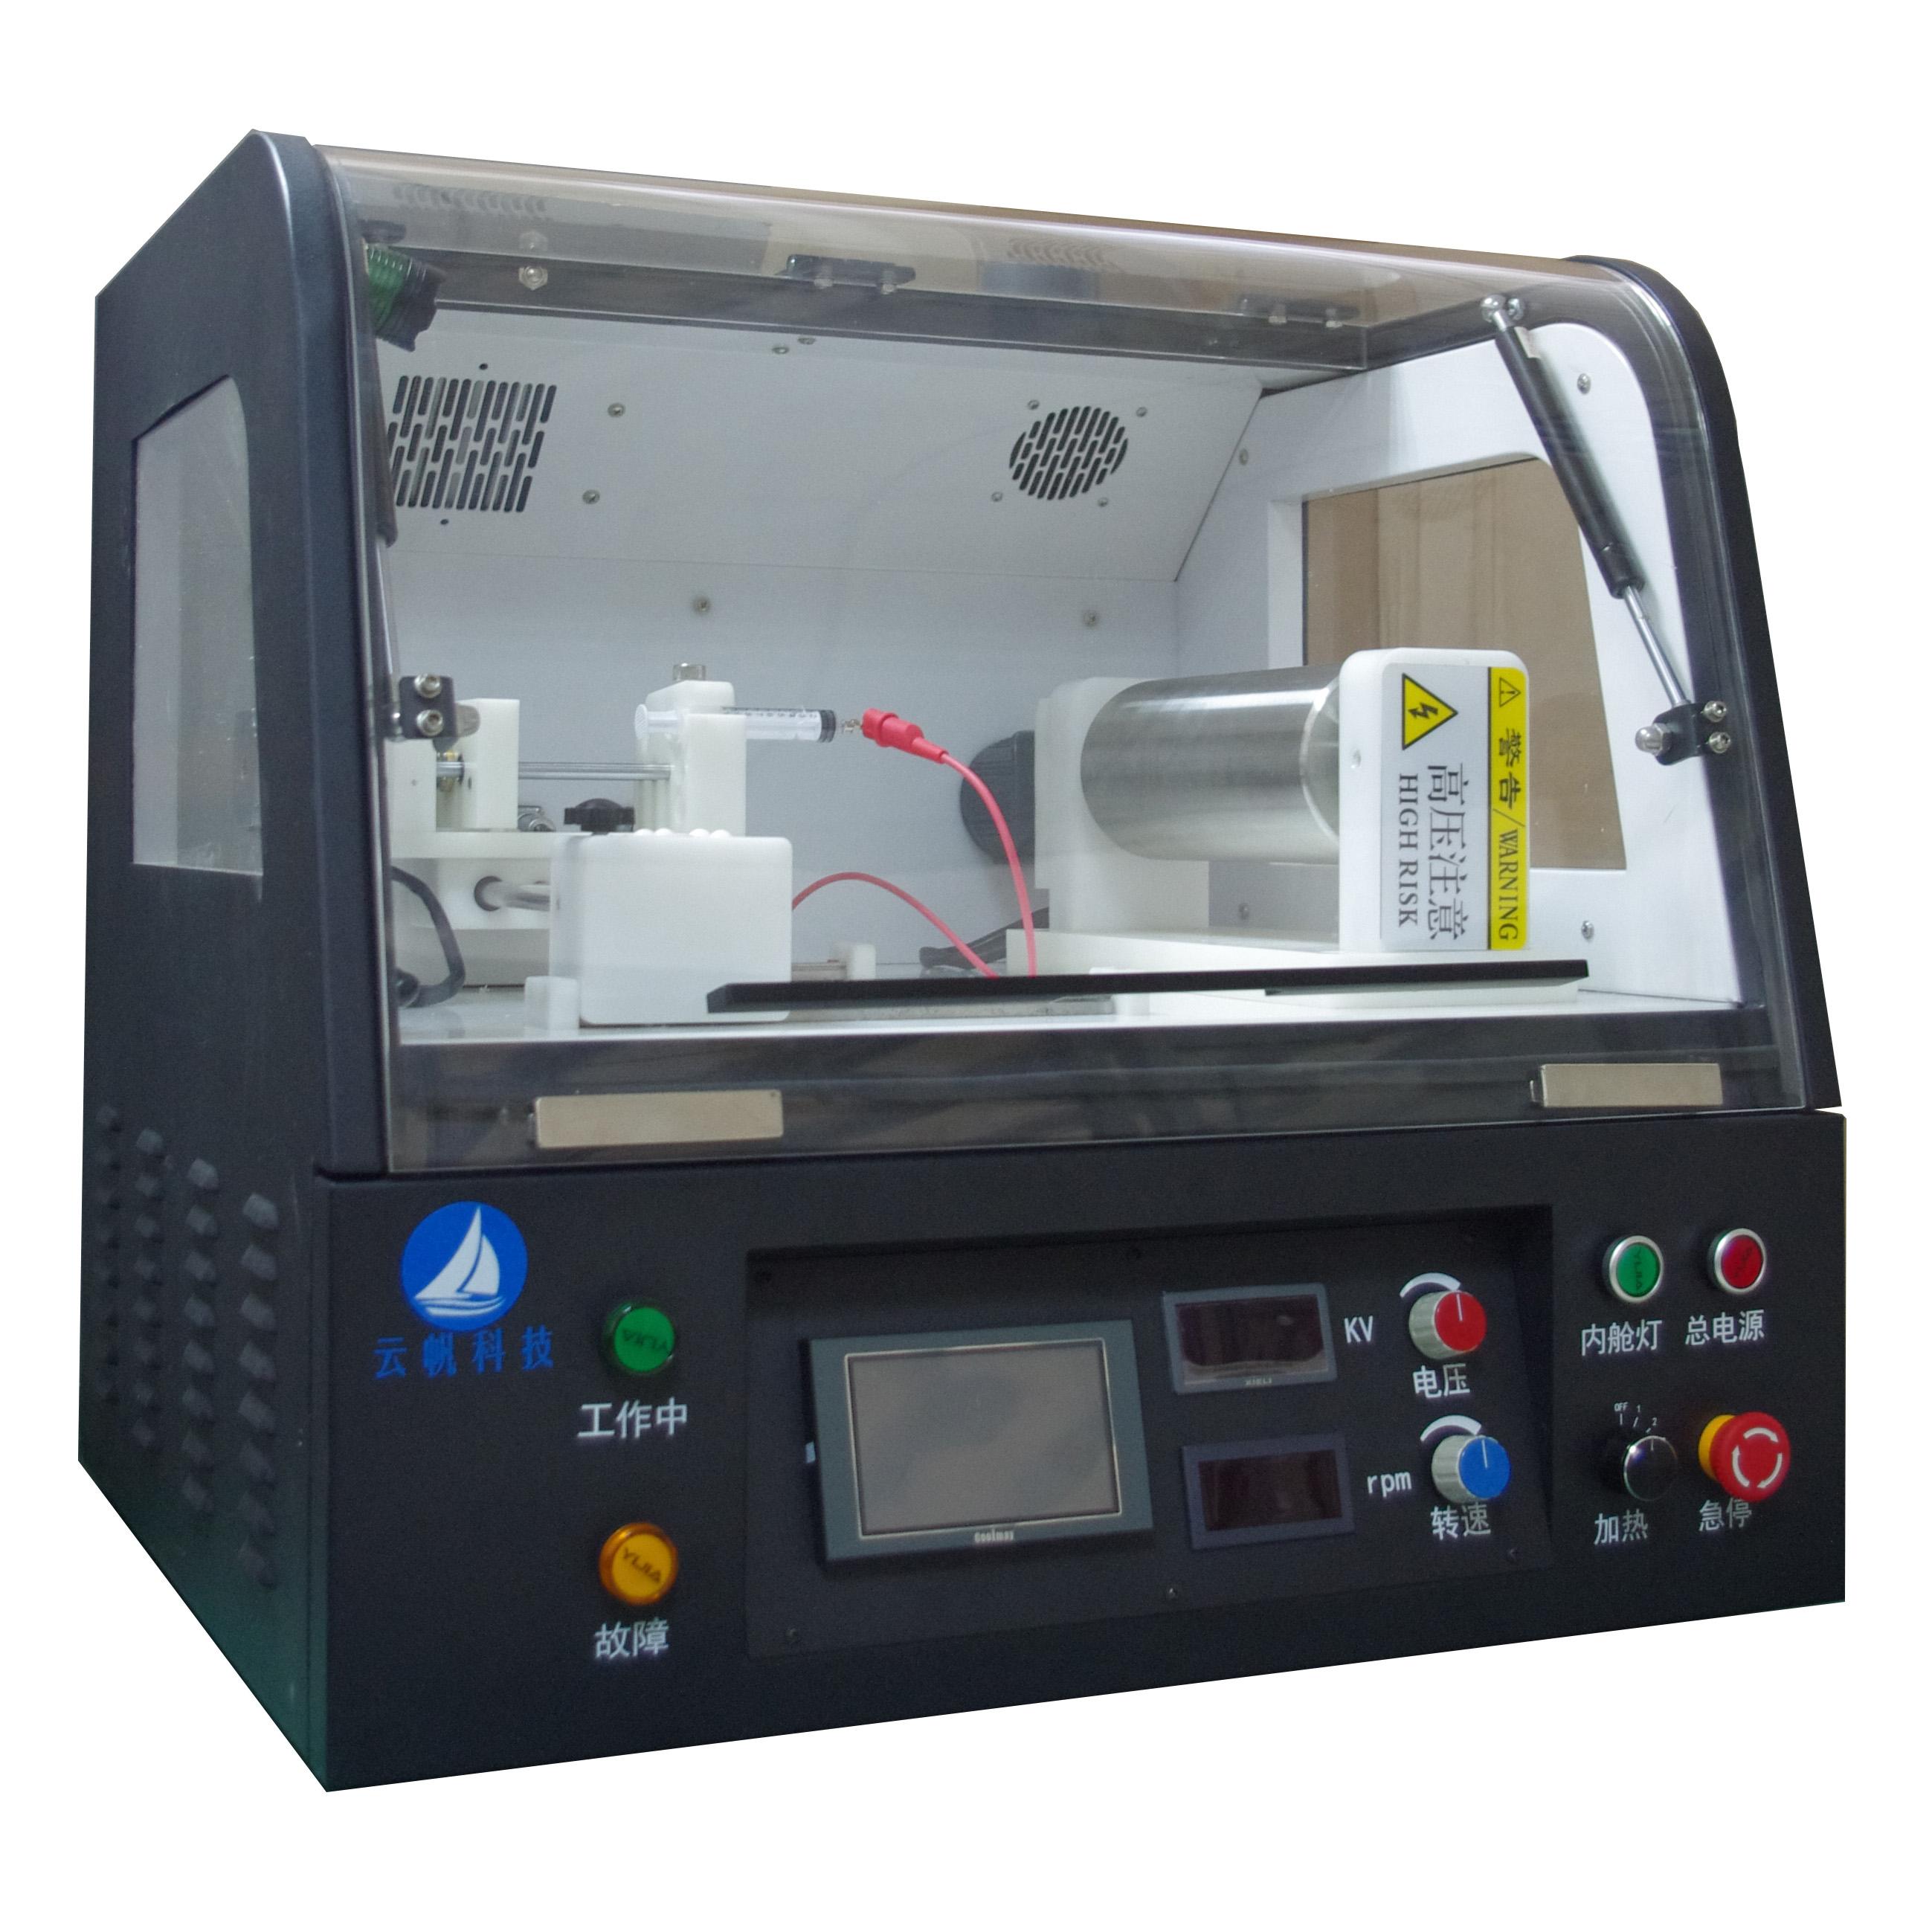 天津云帆基础型静电纺丝机DP30